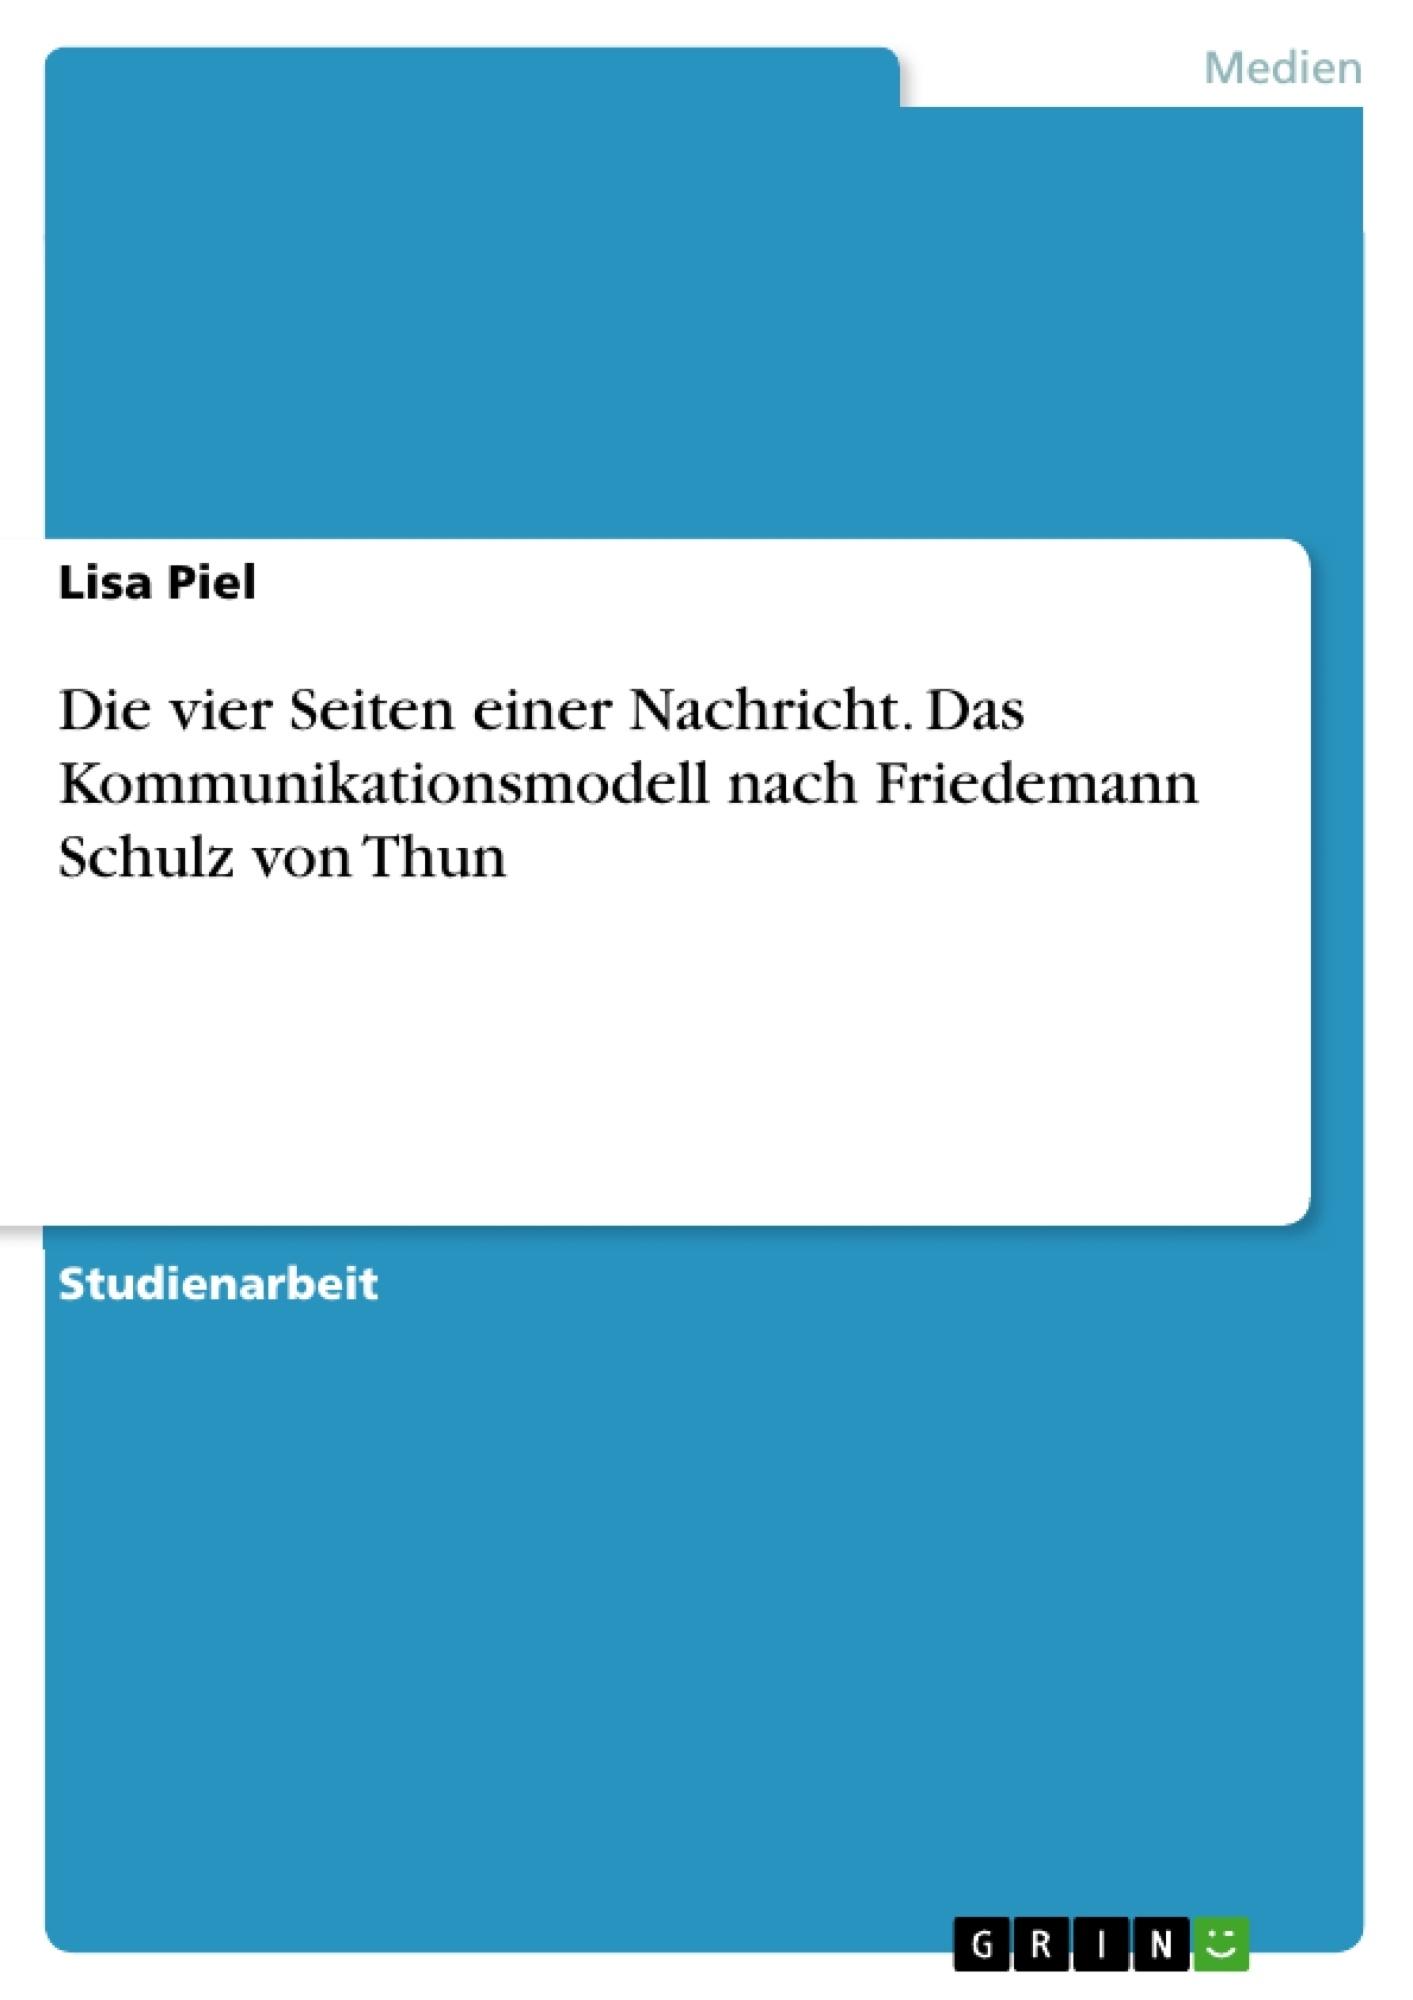 Titel: Die vier Seiten einer Nachricht. Das Kommunikationsmodell nach Friedemann Schulz von Thun